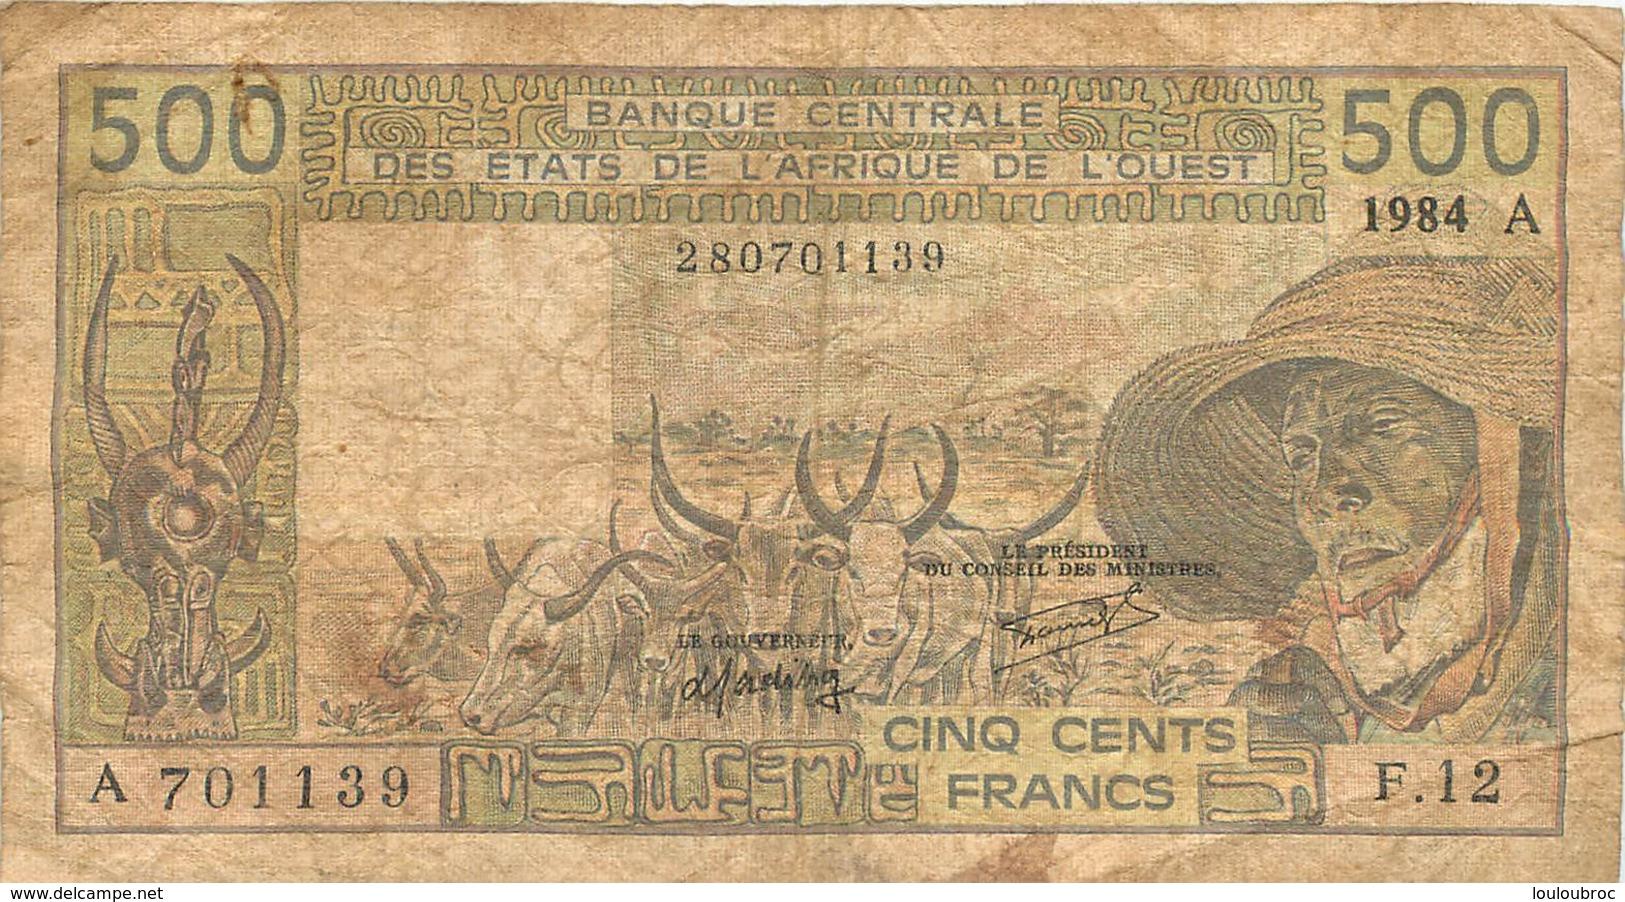 BILLET BANQUE CENTRALE DES ETATS DE L'AFRIQUE DE L'OUEST 500 FRANCS - West-Afrikaanse Staten